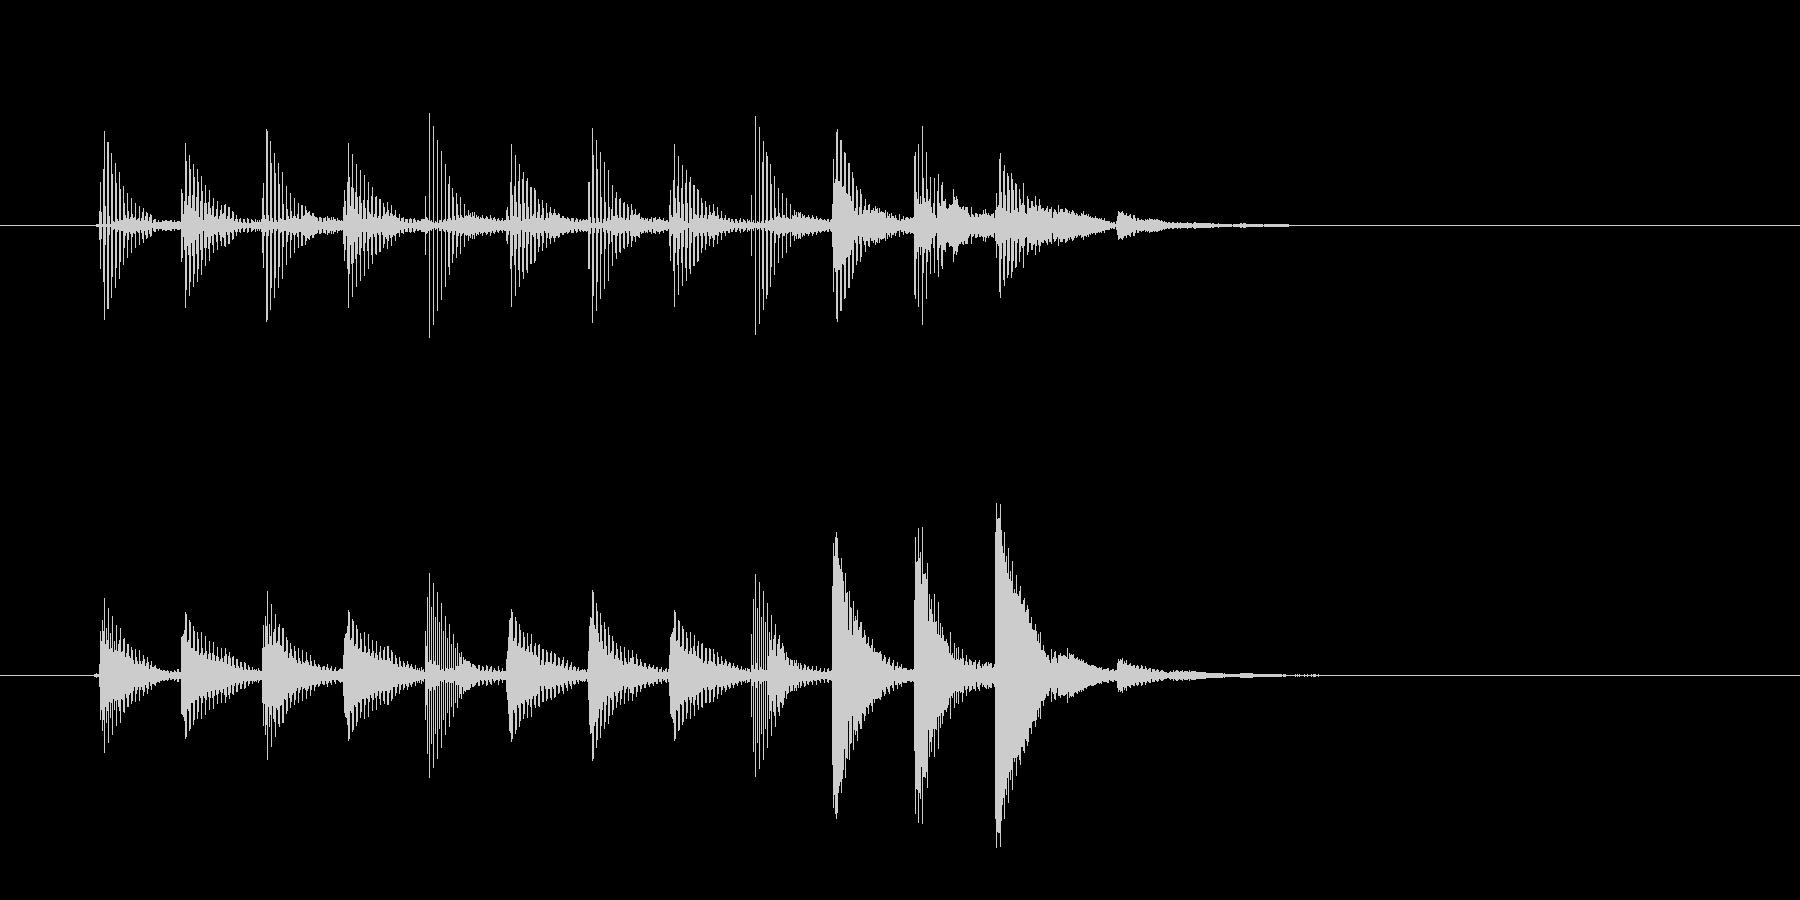 おしゃれで透明感のあるシンセサウンドの未再生の波形